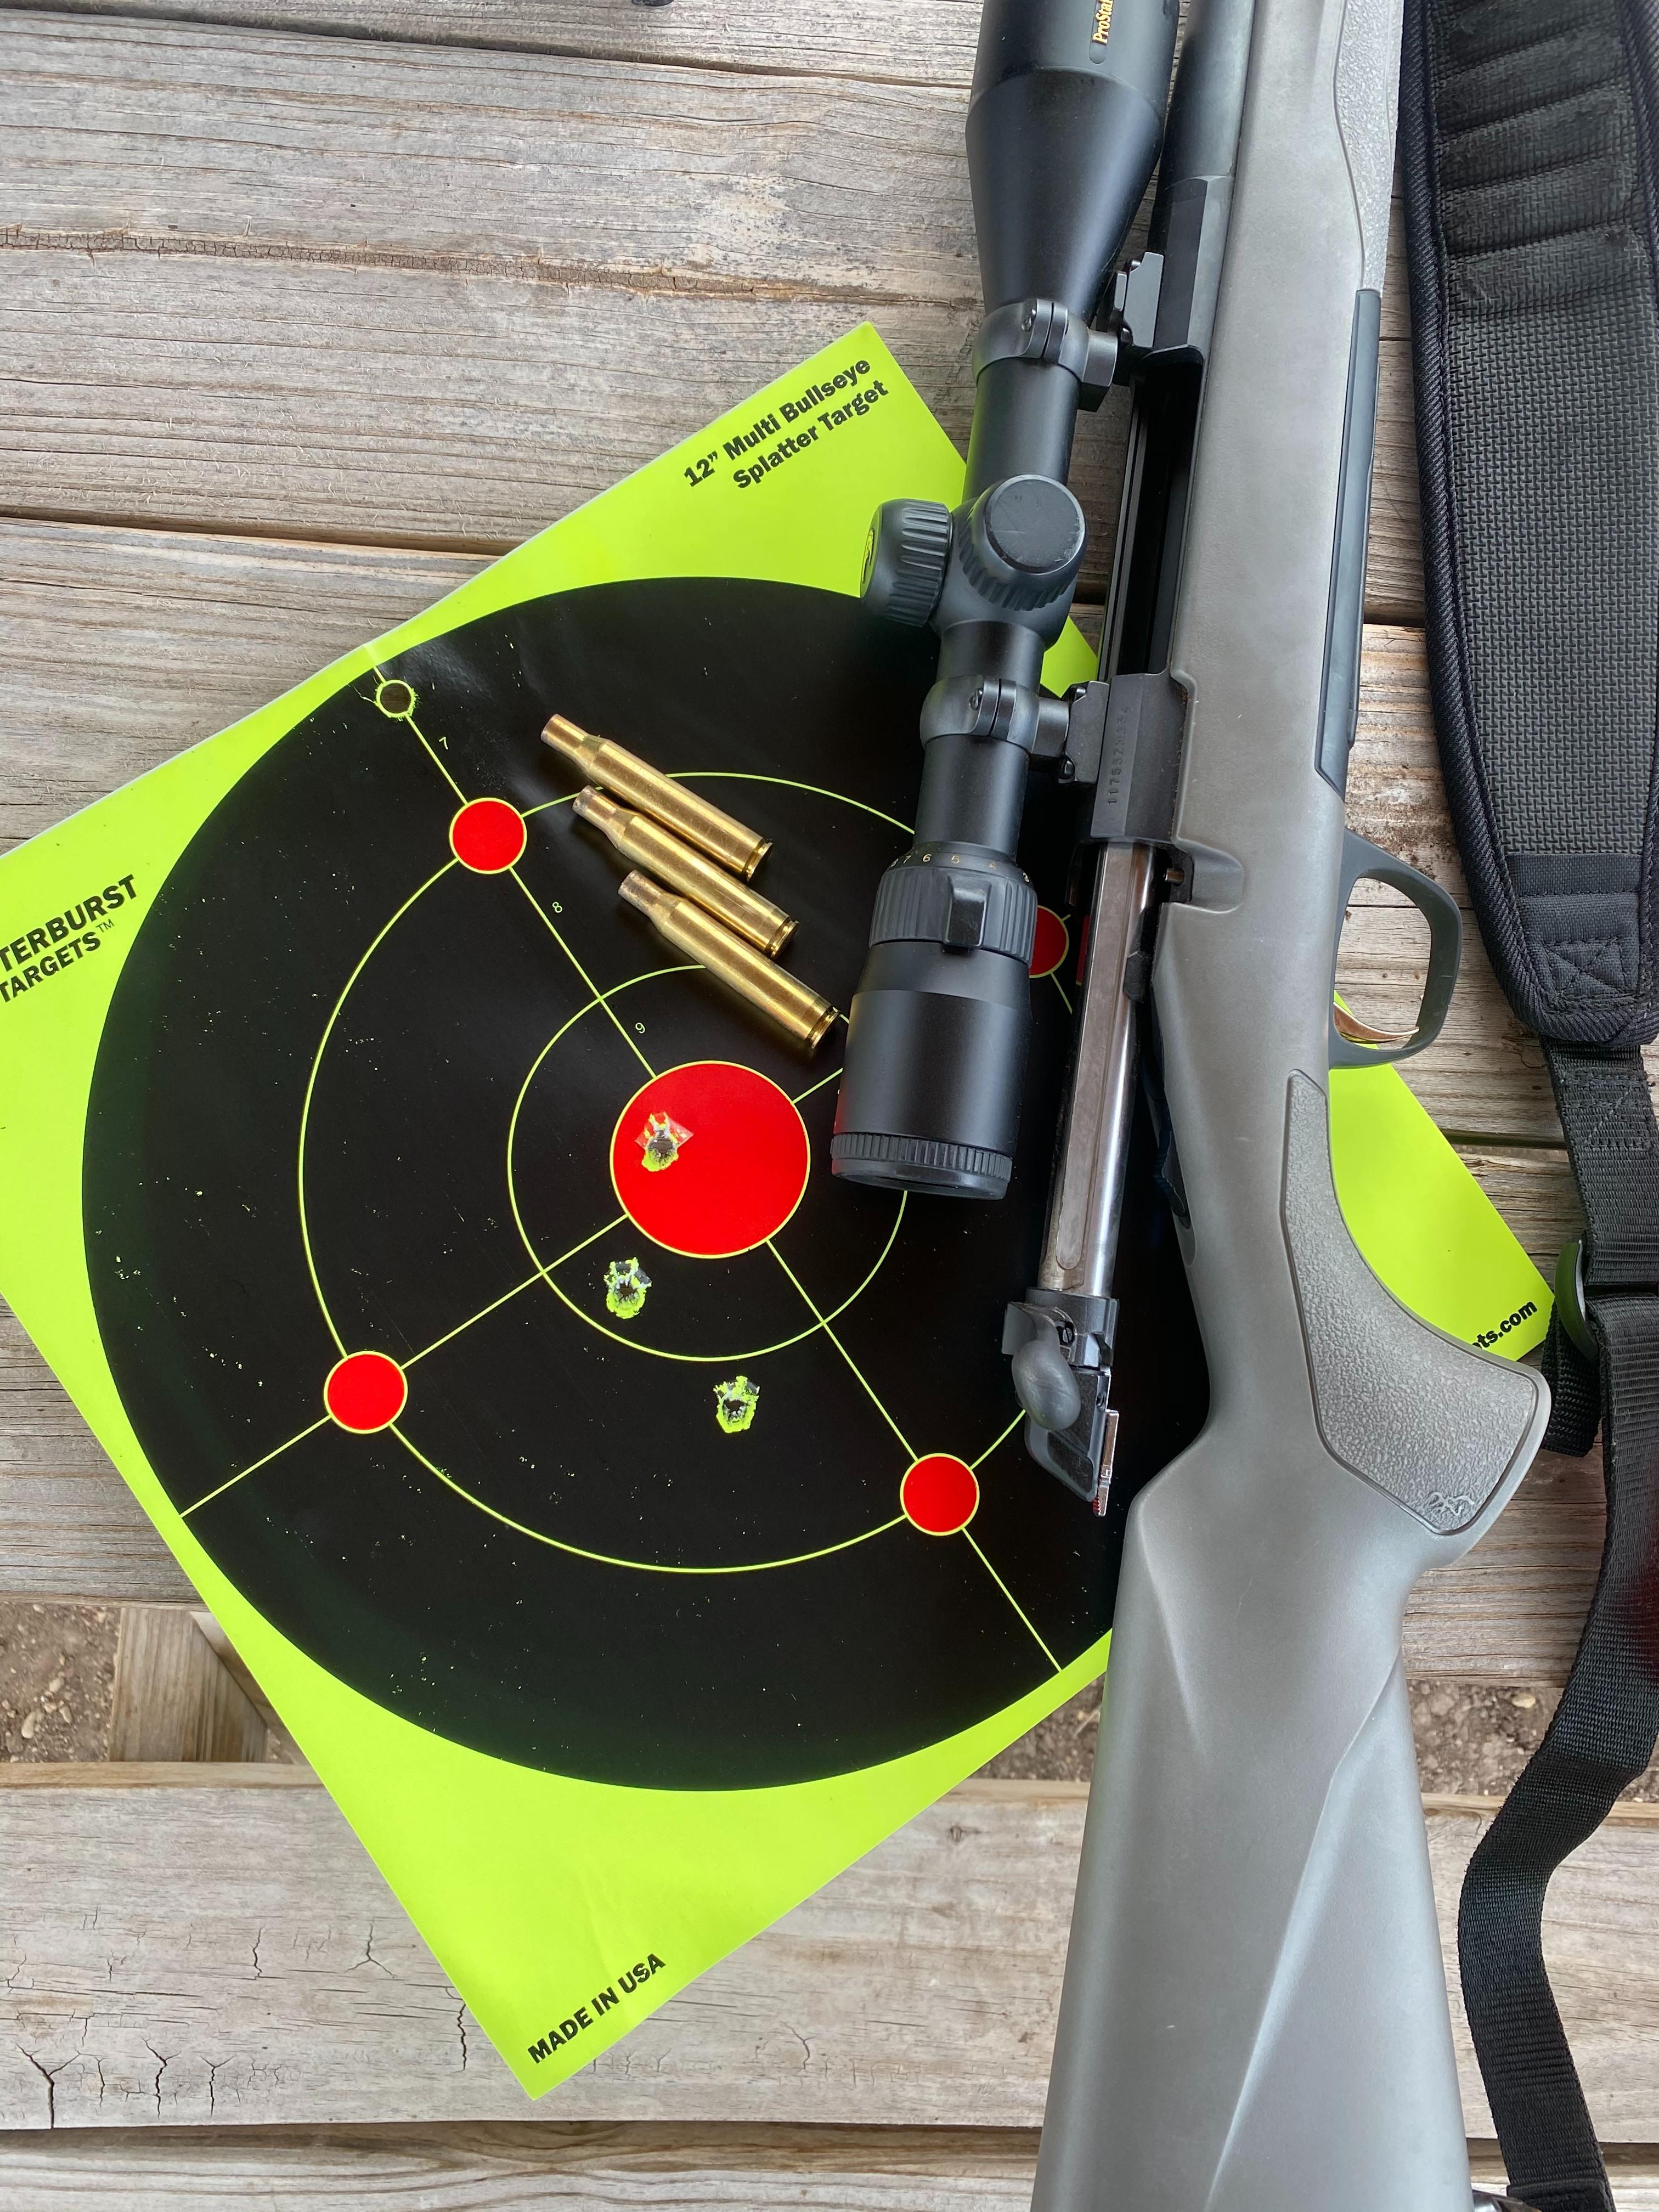 Rifle Marksmanship Training